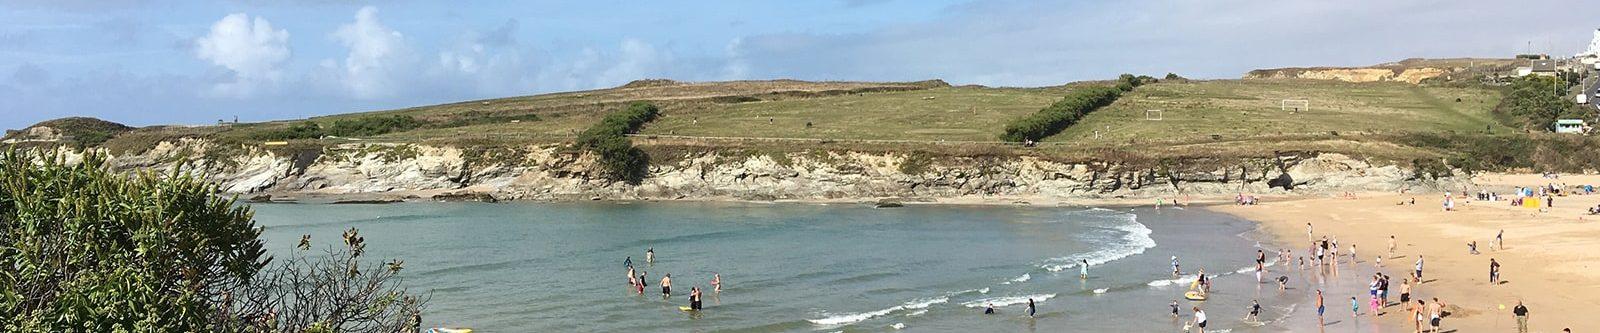 Porth beach from cliffs